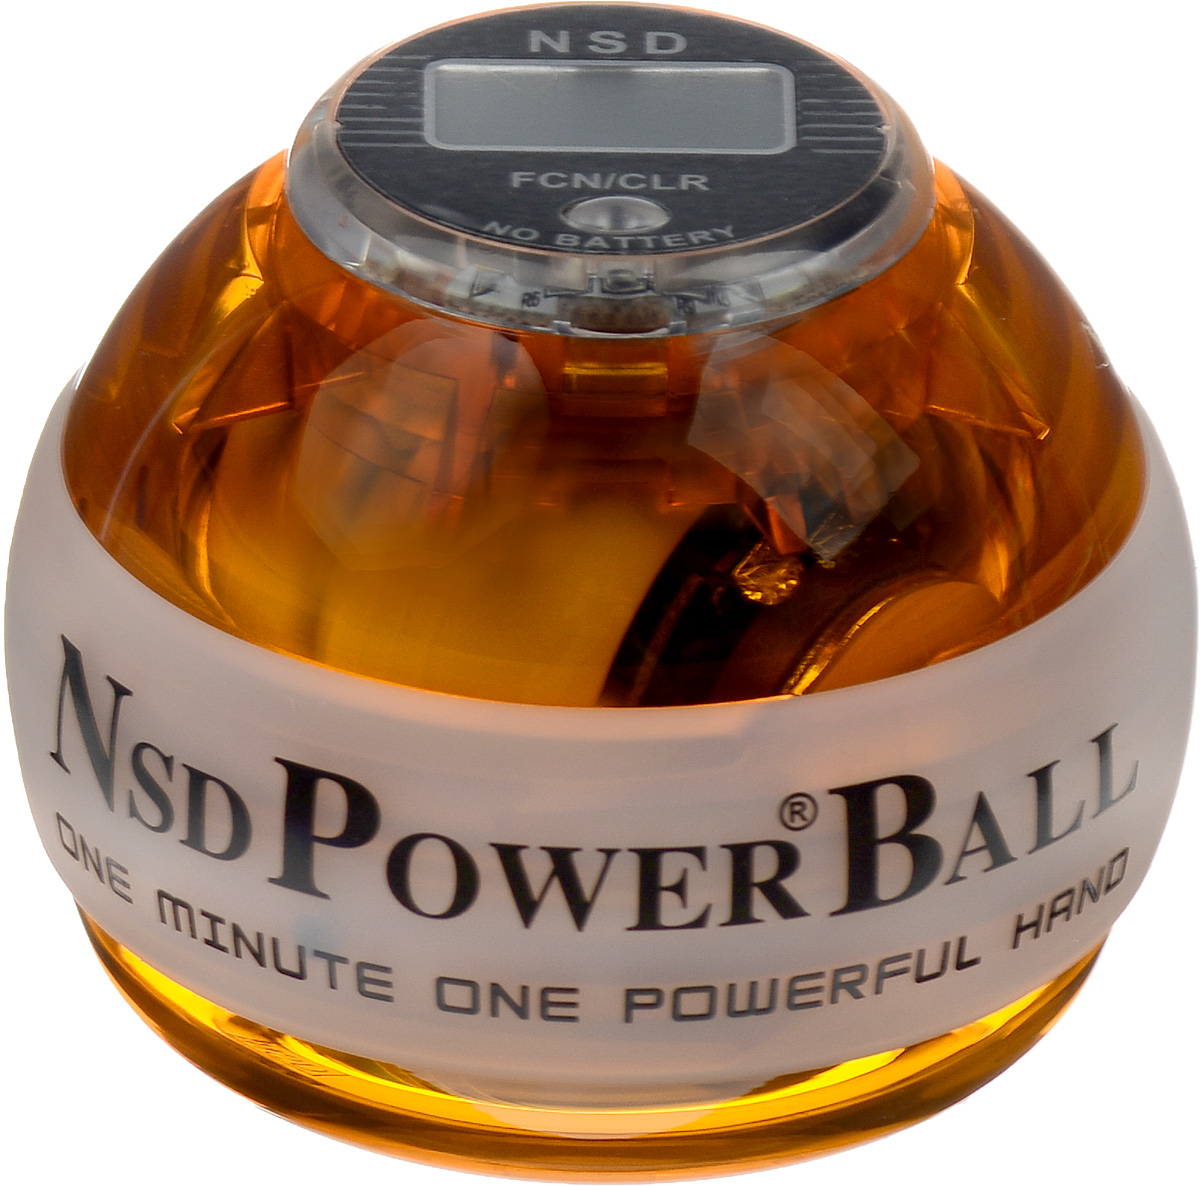 Тренажер кистевой NSD Power Powerball Neon Pro, цвет: оранжевый тренажер кистевой nsd power powerball neon цвет оранжевый